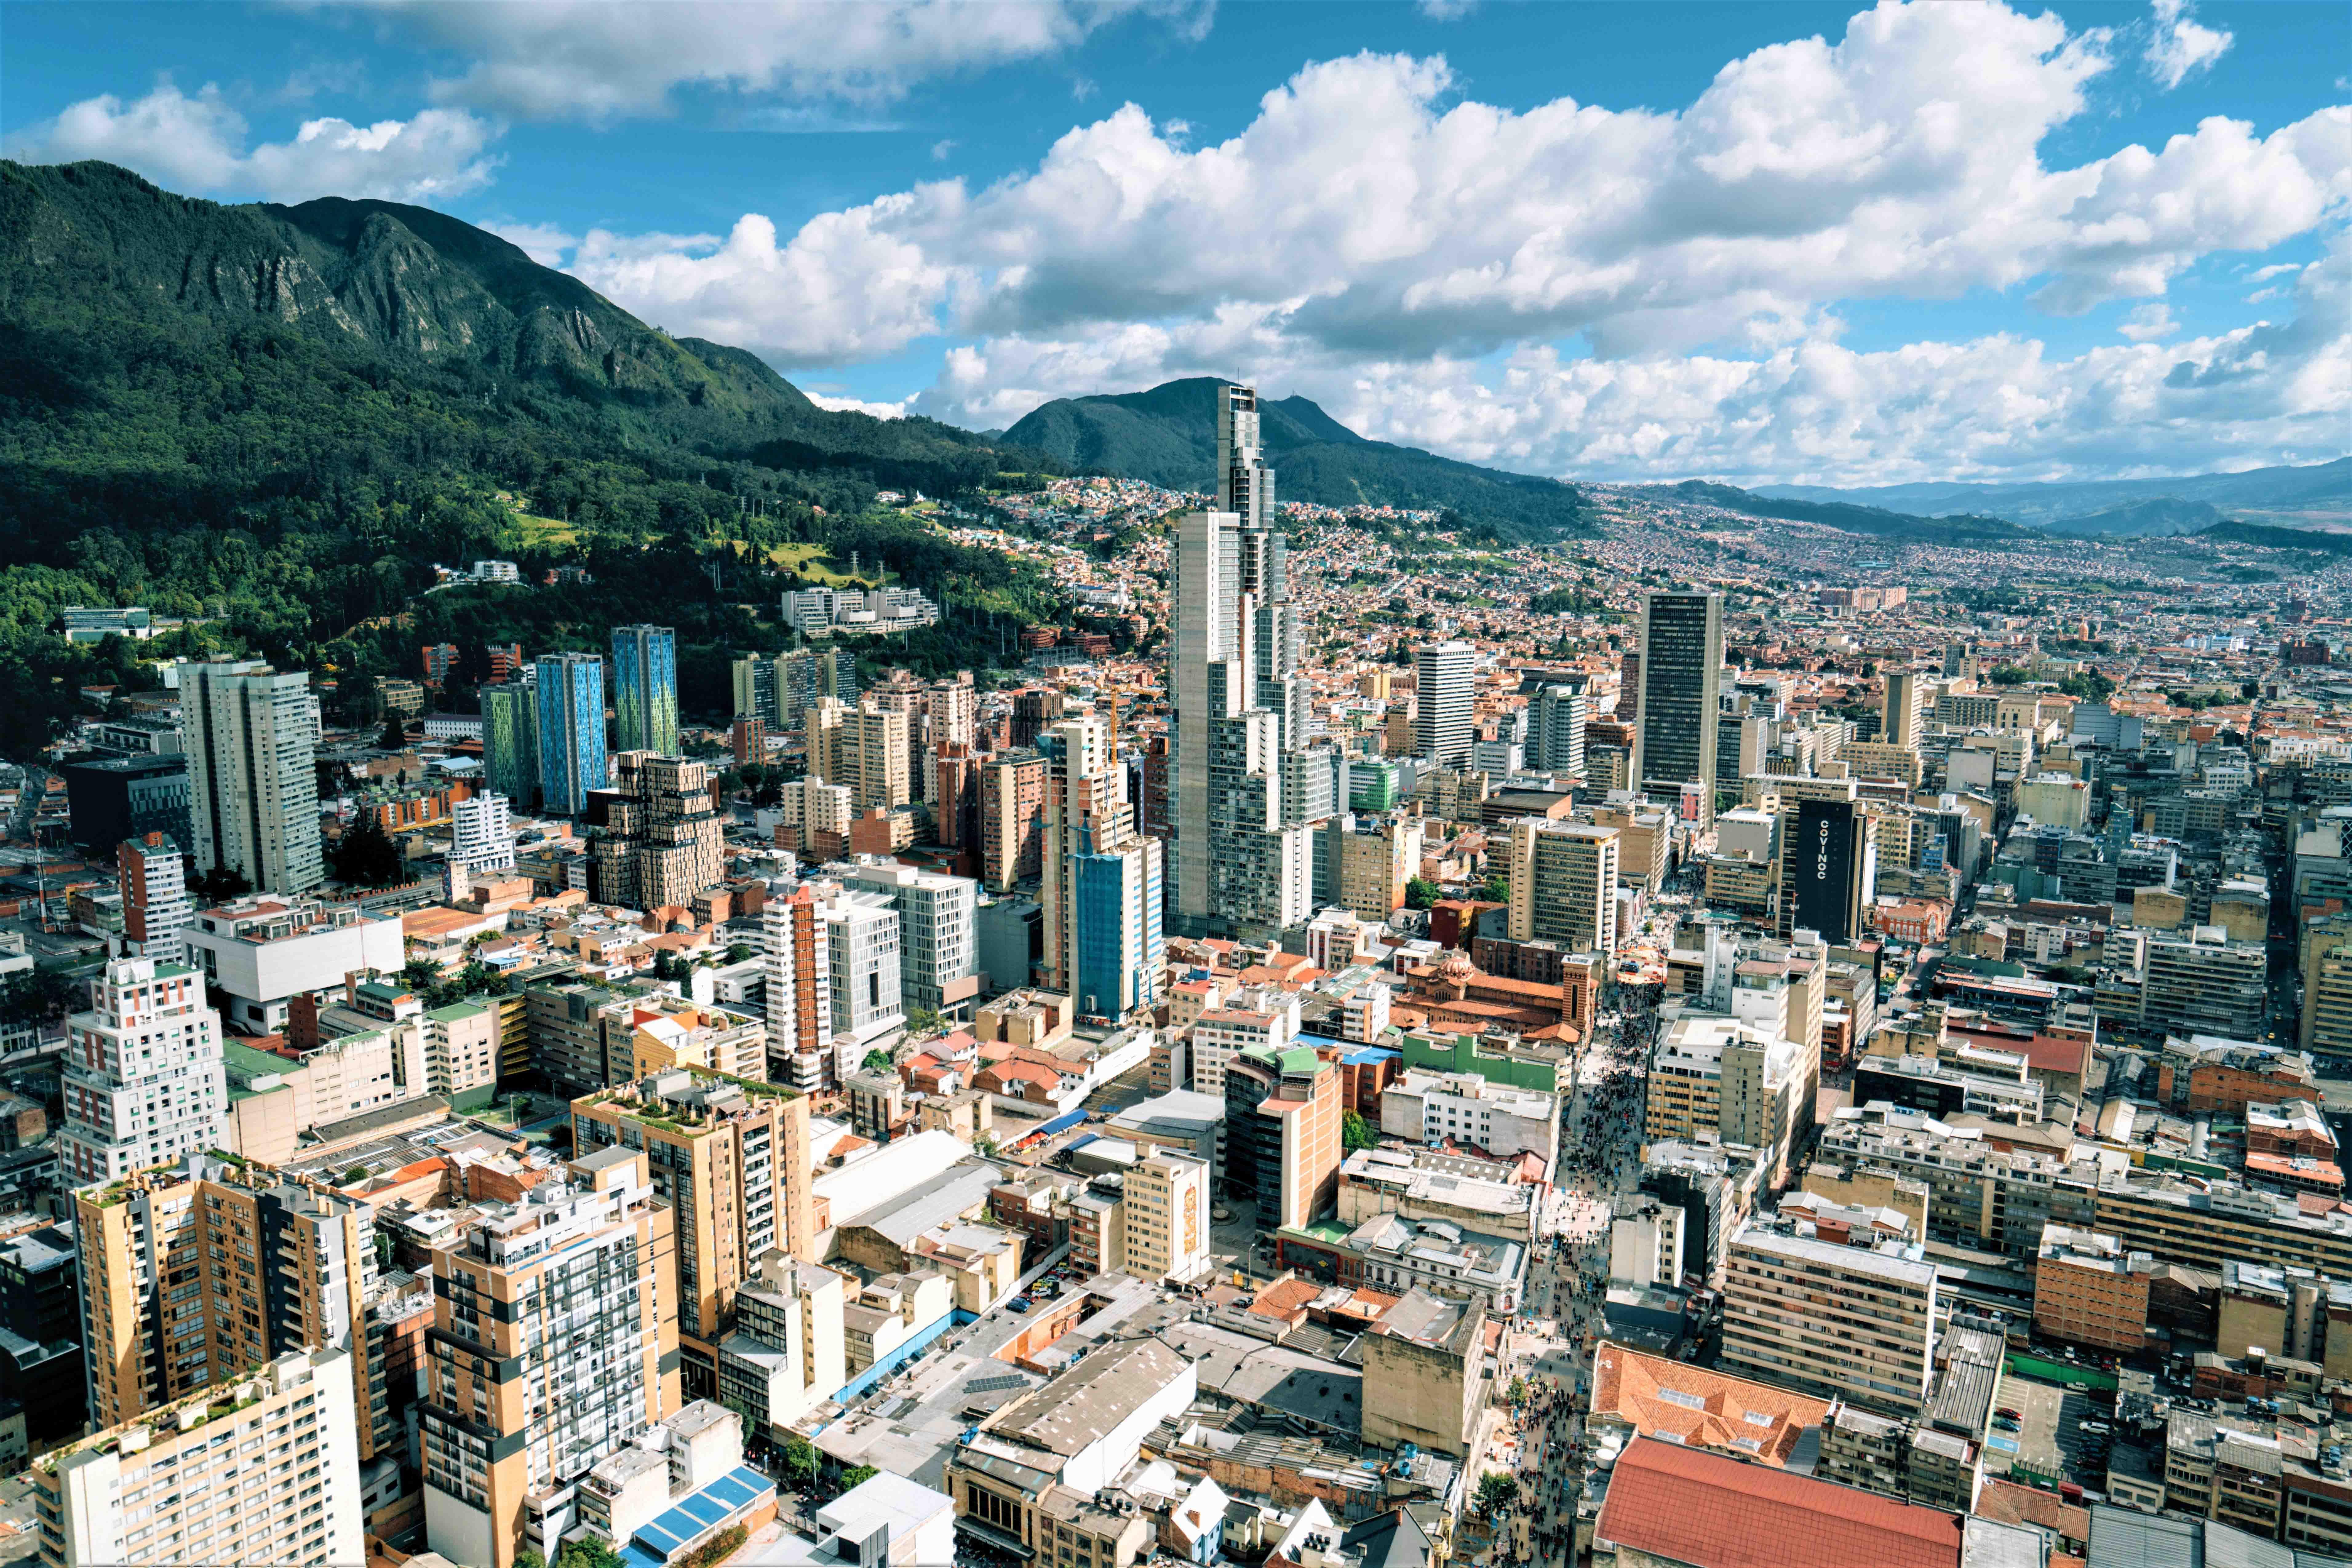 expodefensa-Bogota-city